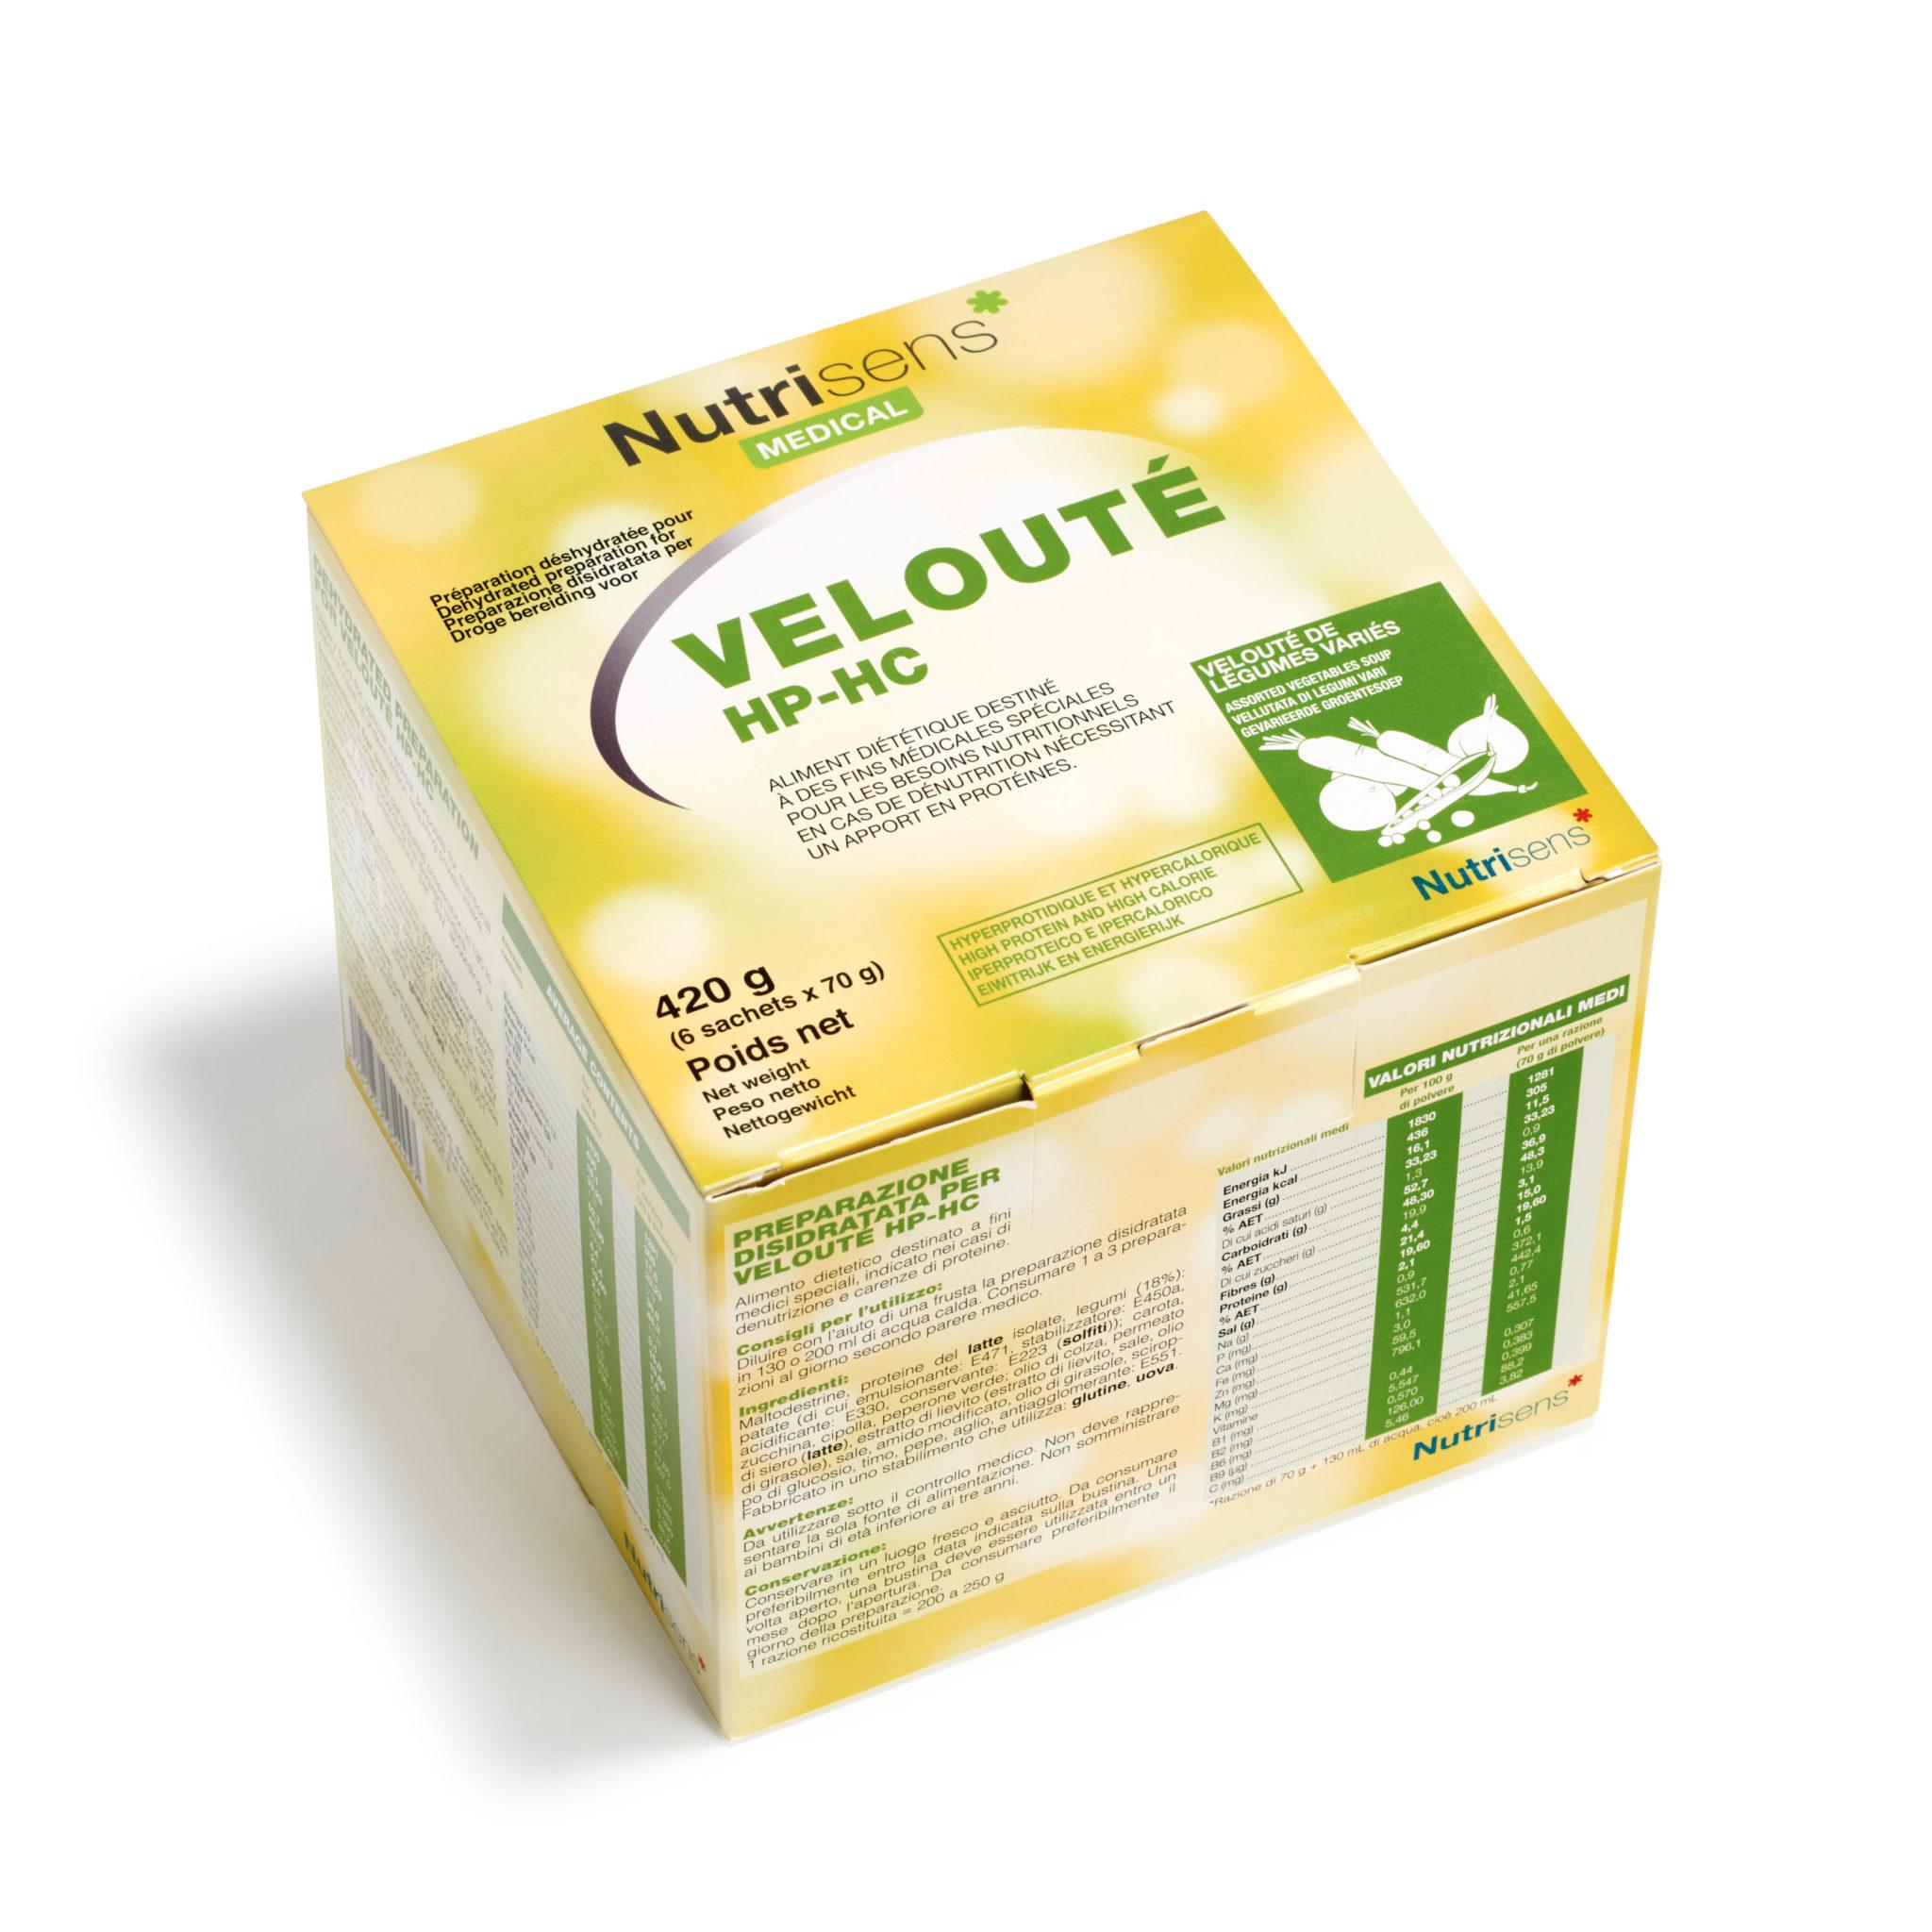 Veloute legumes varies